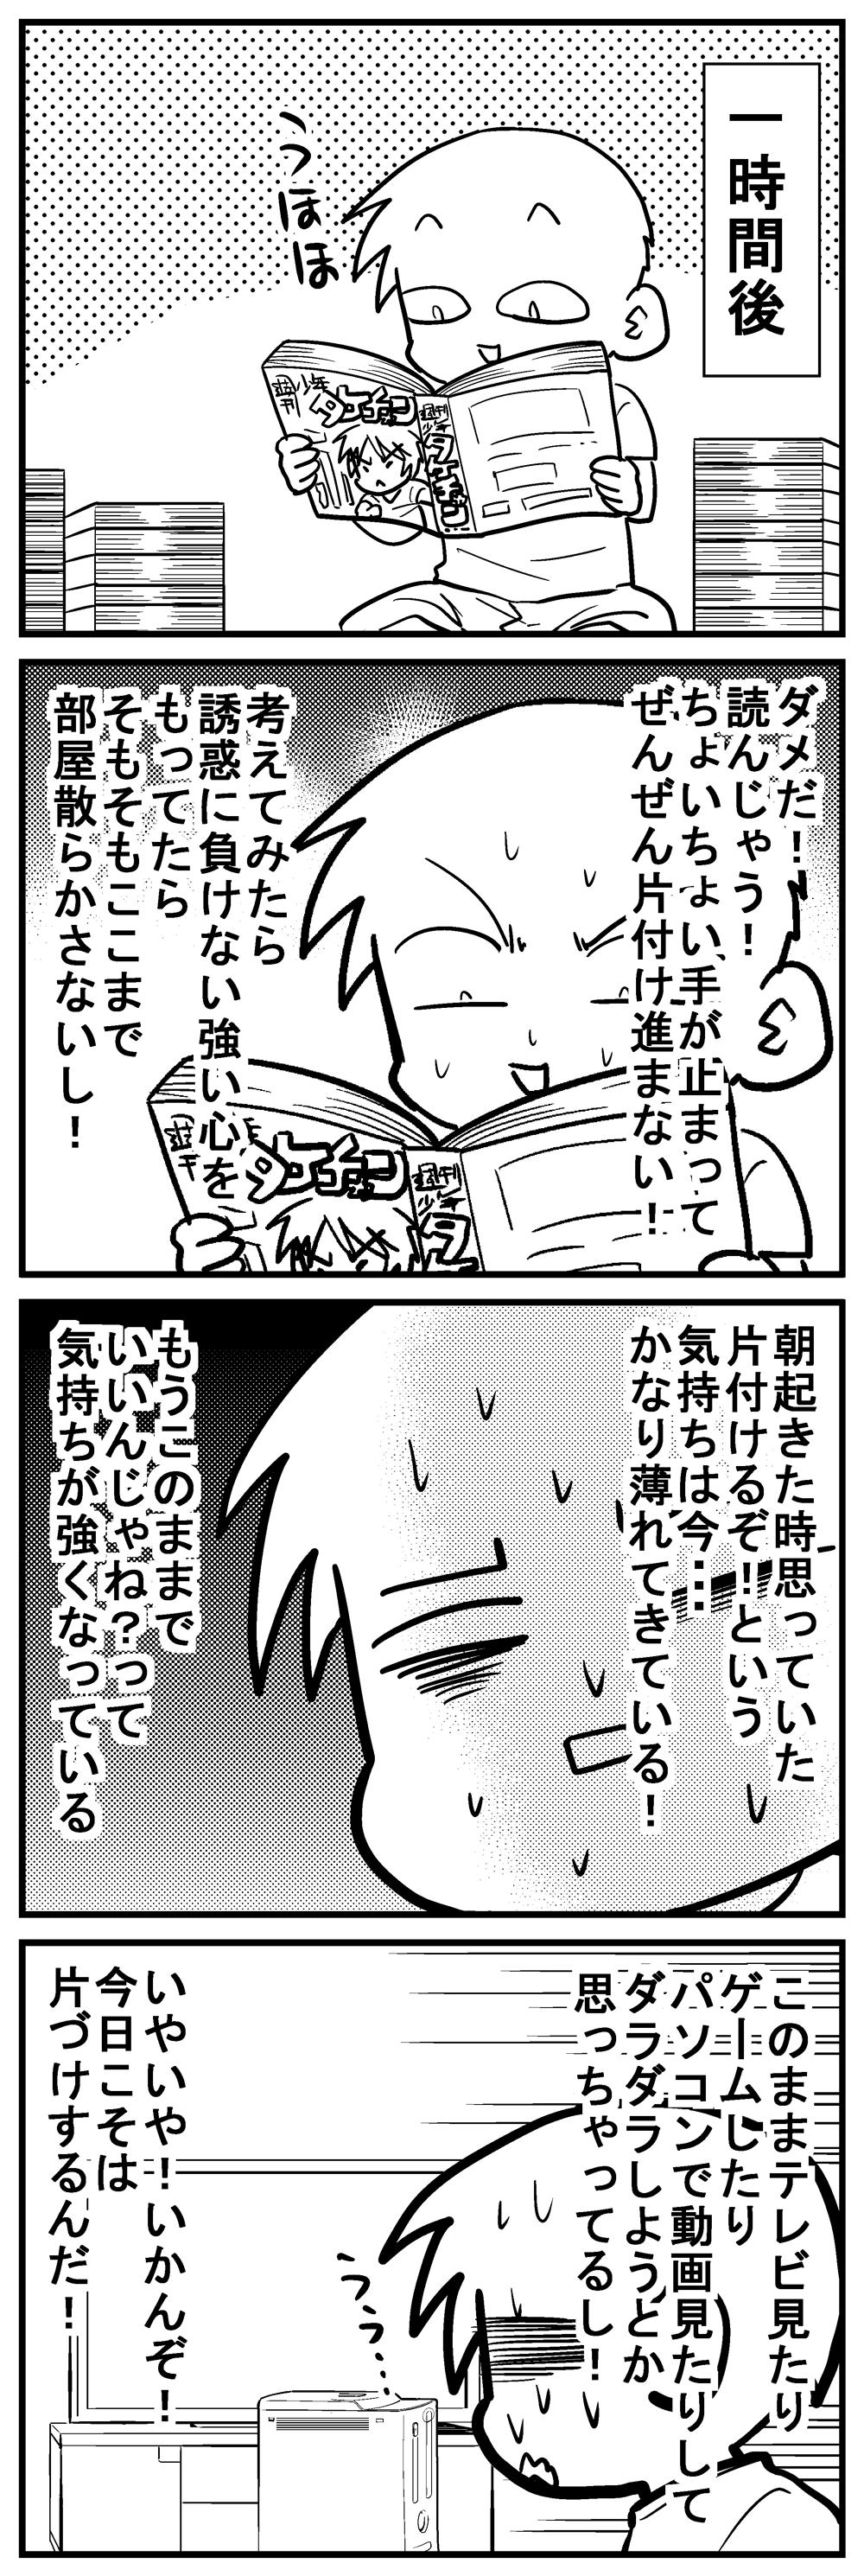 深読みくん75-3